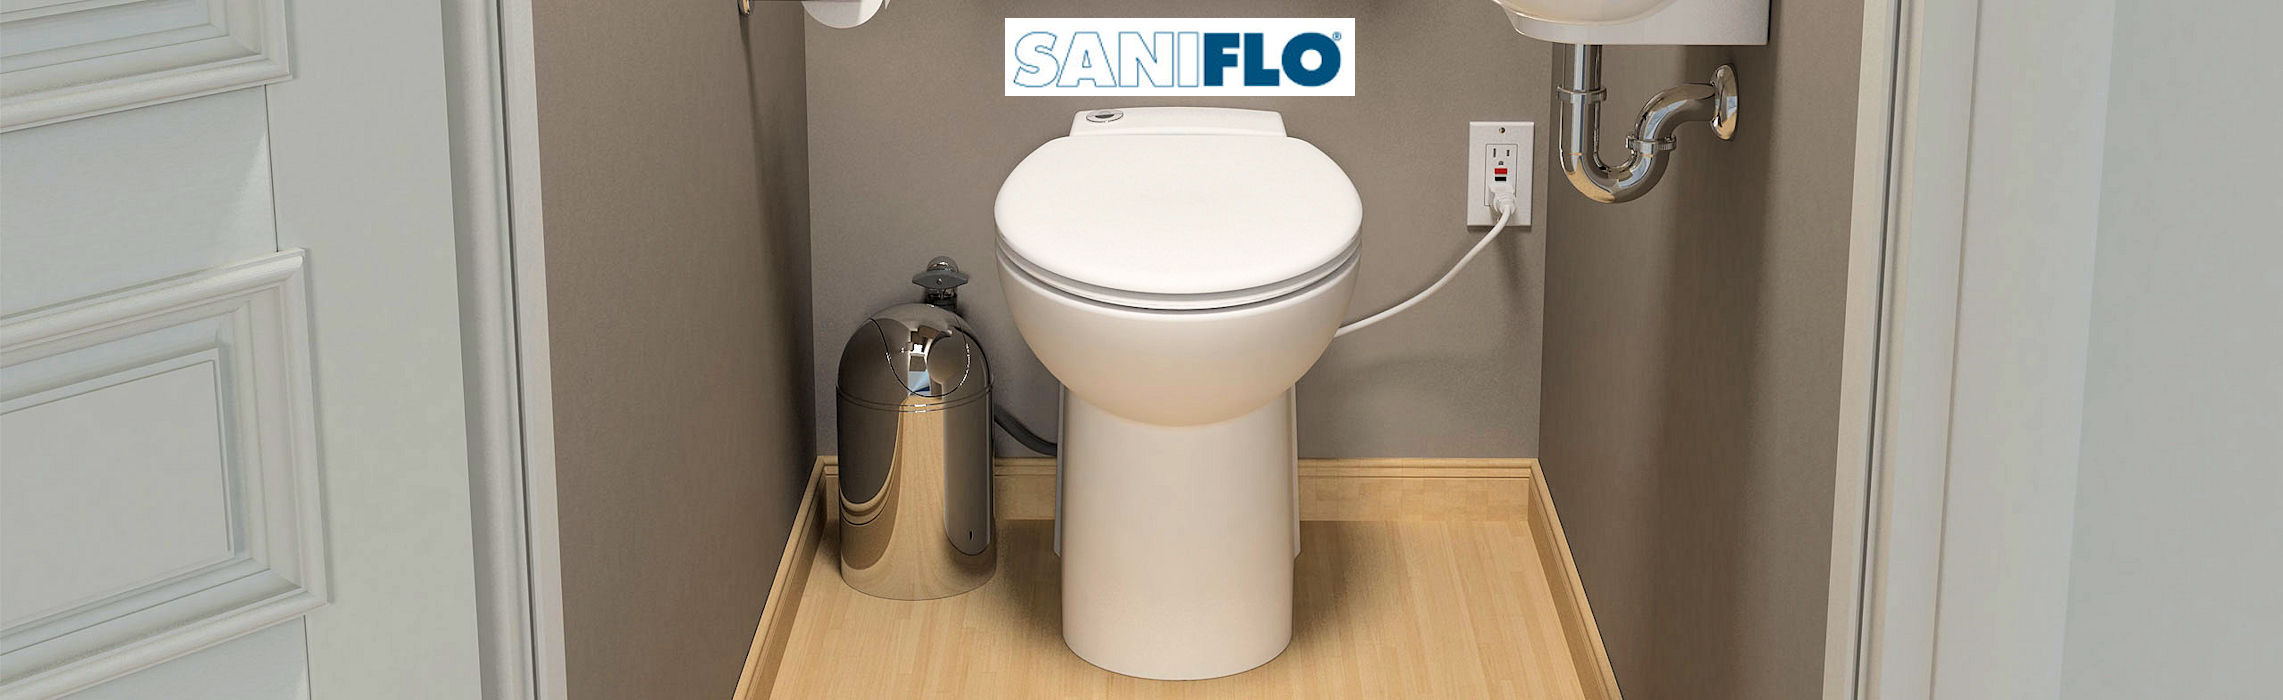 Saniflo_Sanicompact_mascerating_toilet_w_logo